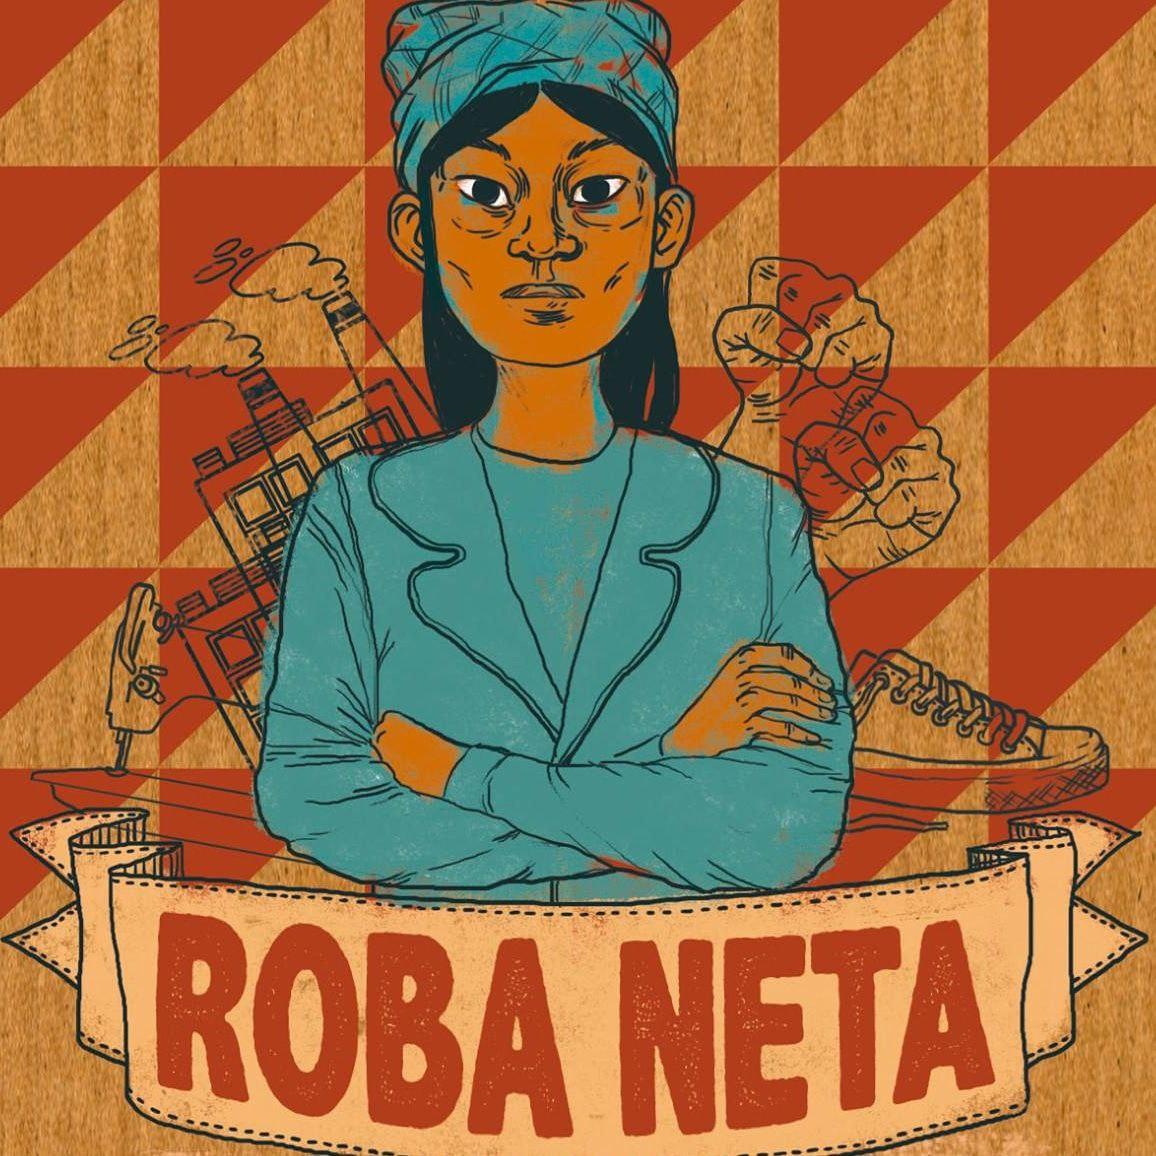 Roba Neta